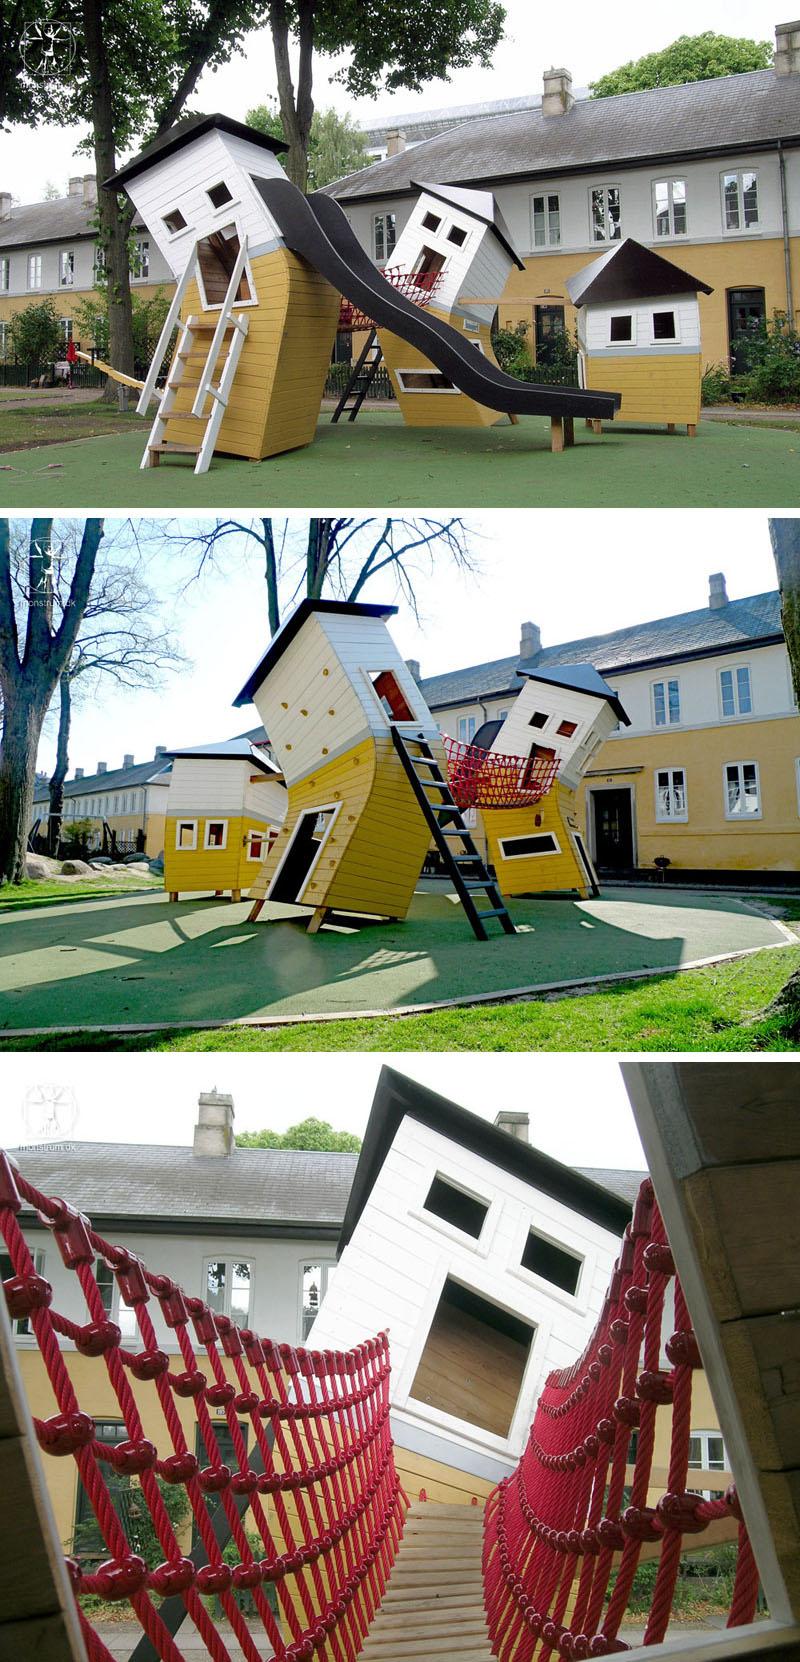 parques infantiles que gustaran tanto a pequeños y a adultos 12